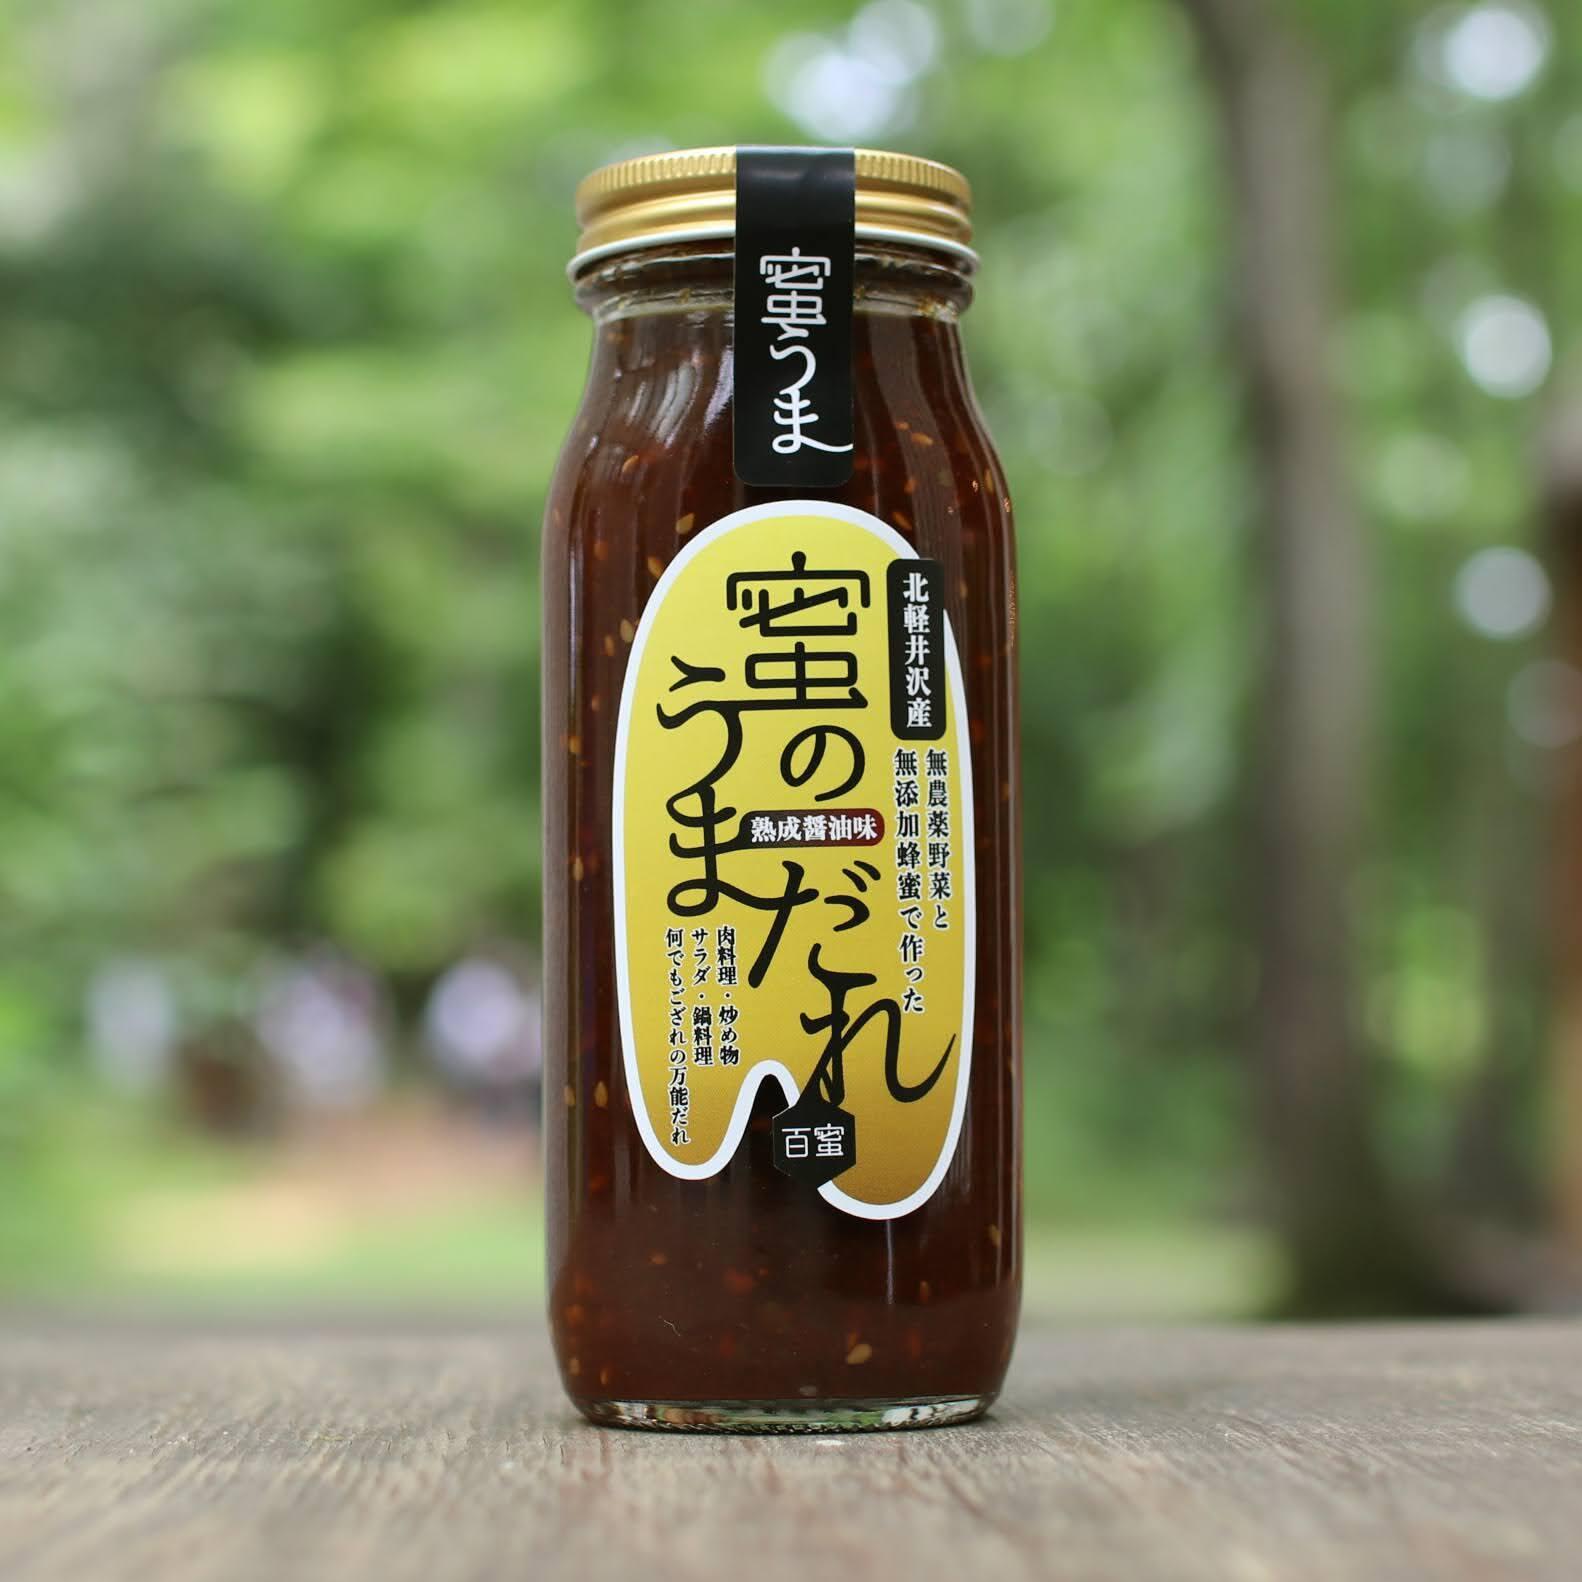 【今季残りわずか!】蜜のうまだれ 熟成醤油味